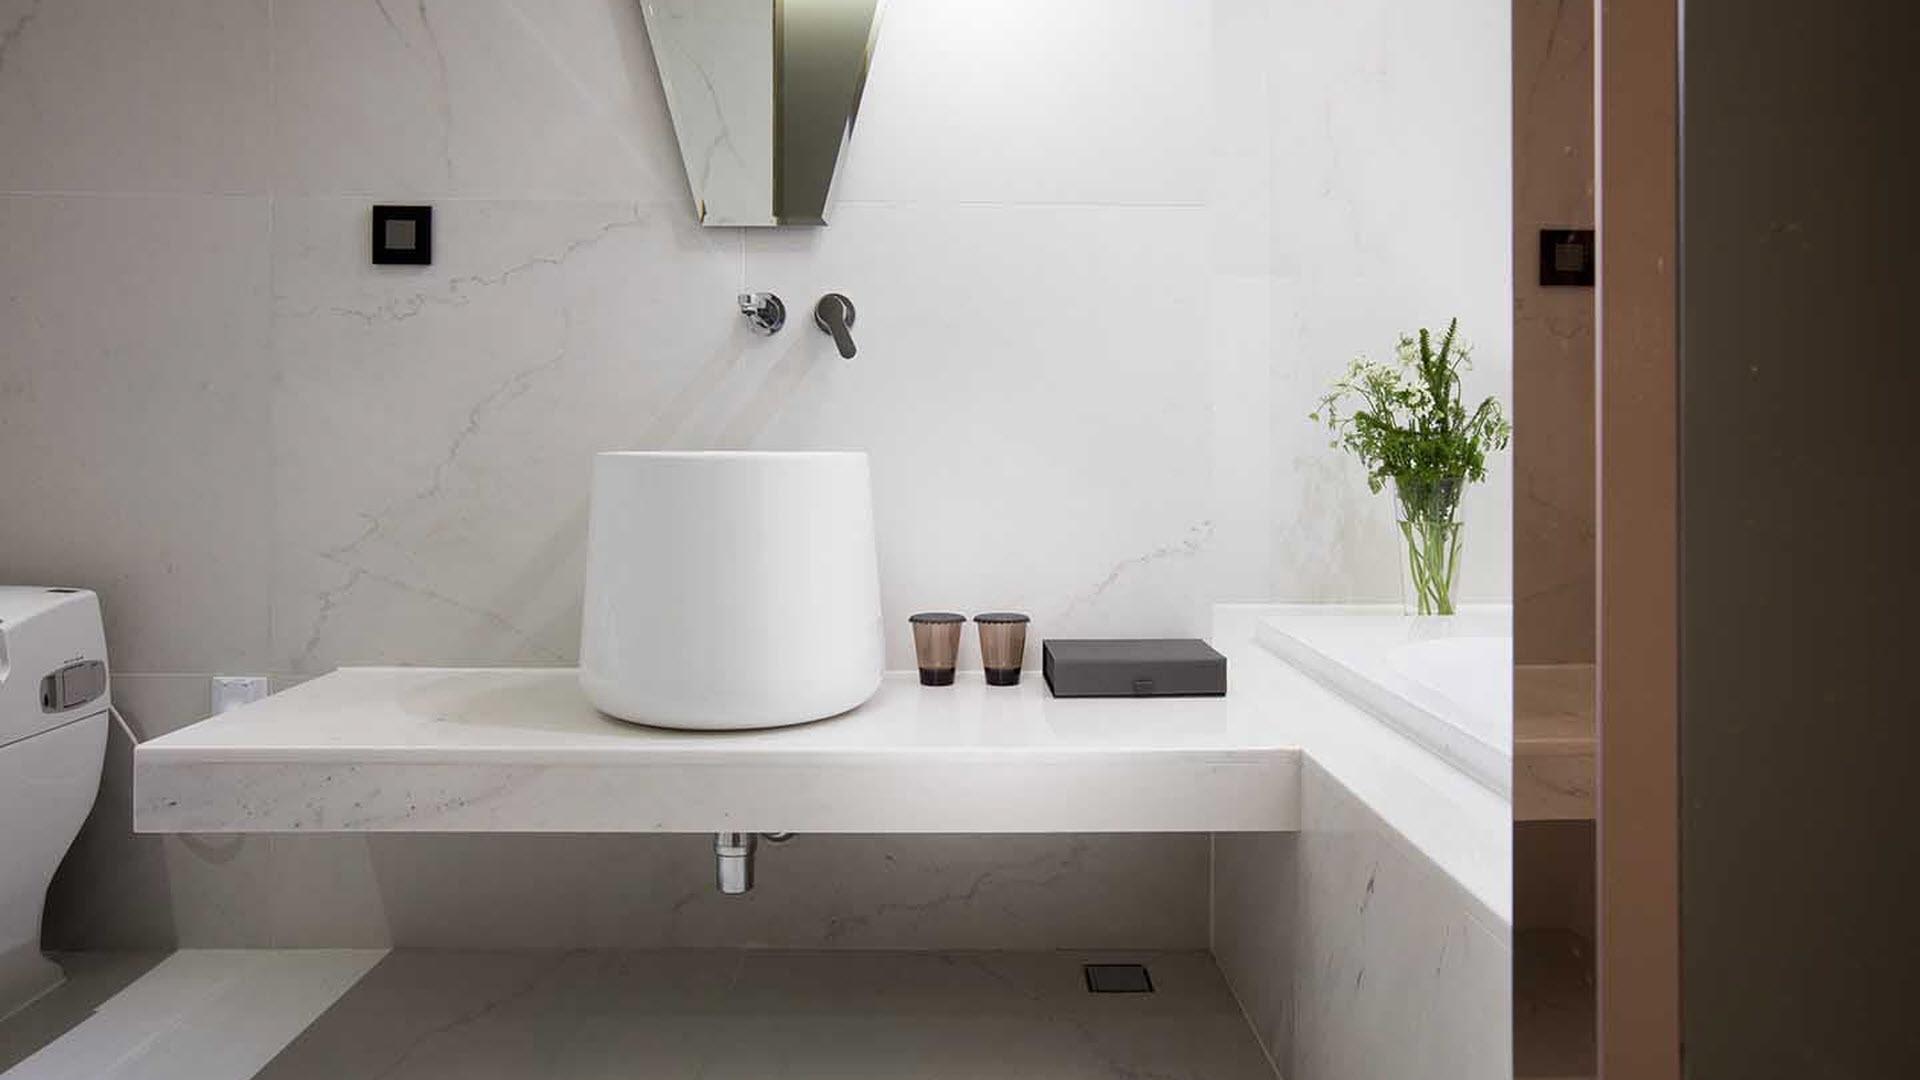 Koupelnové umyvadlové desky   Výroba   Koupelny ČERO